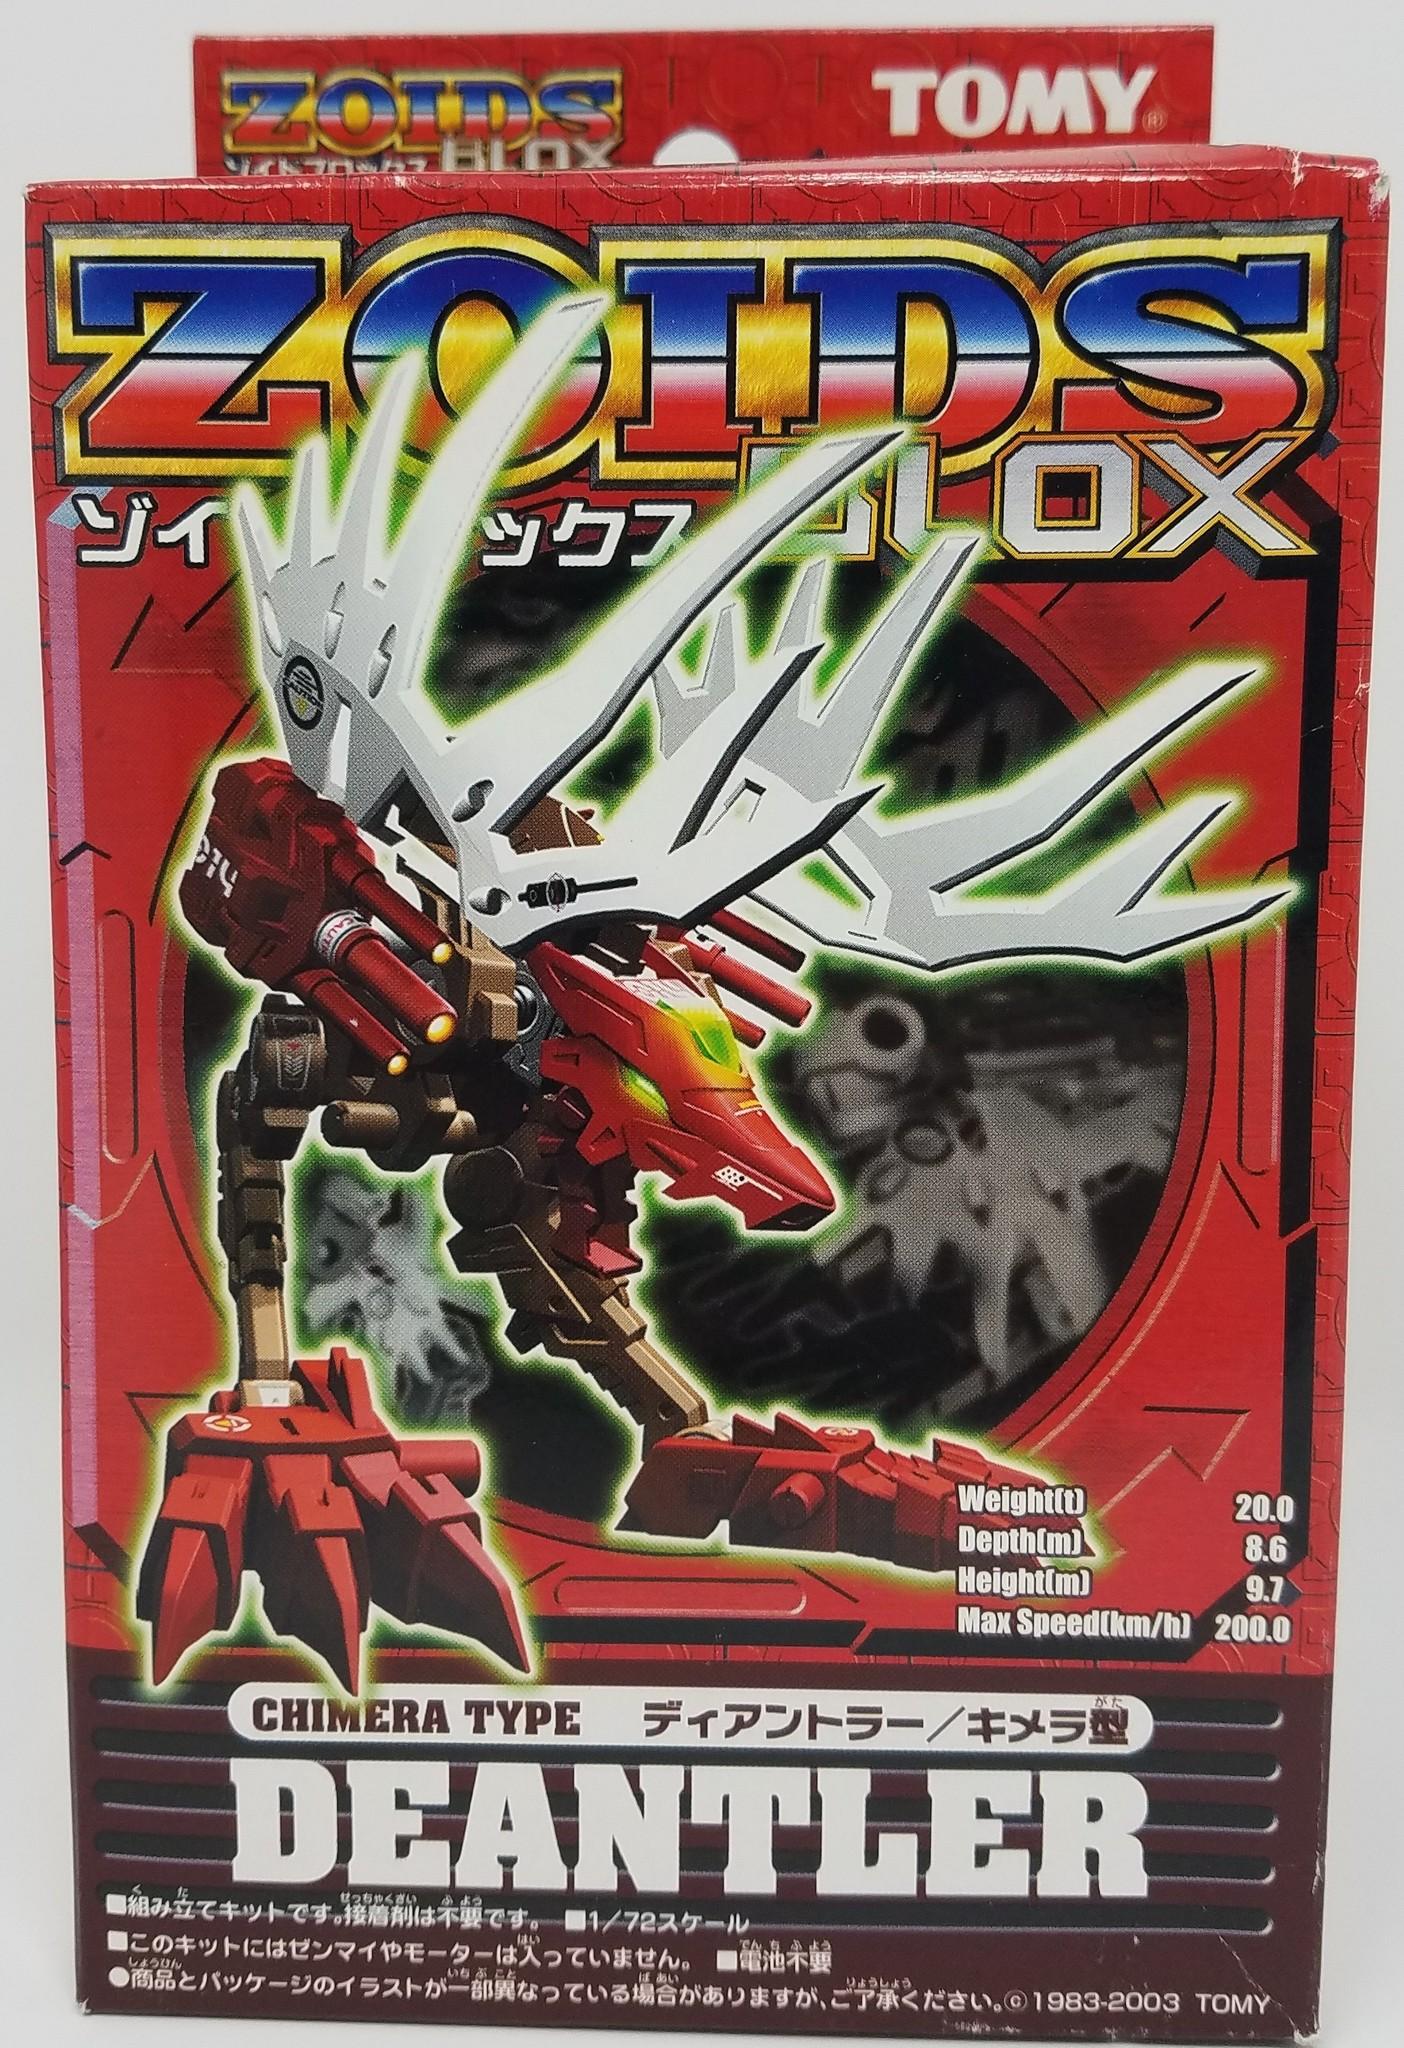 Zoids Blox BZ-014 Deantler